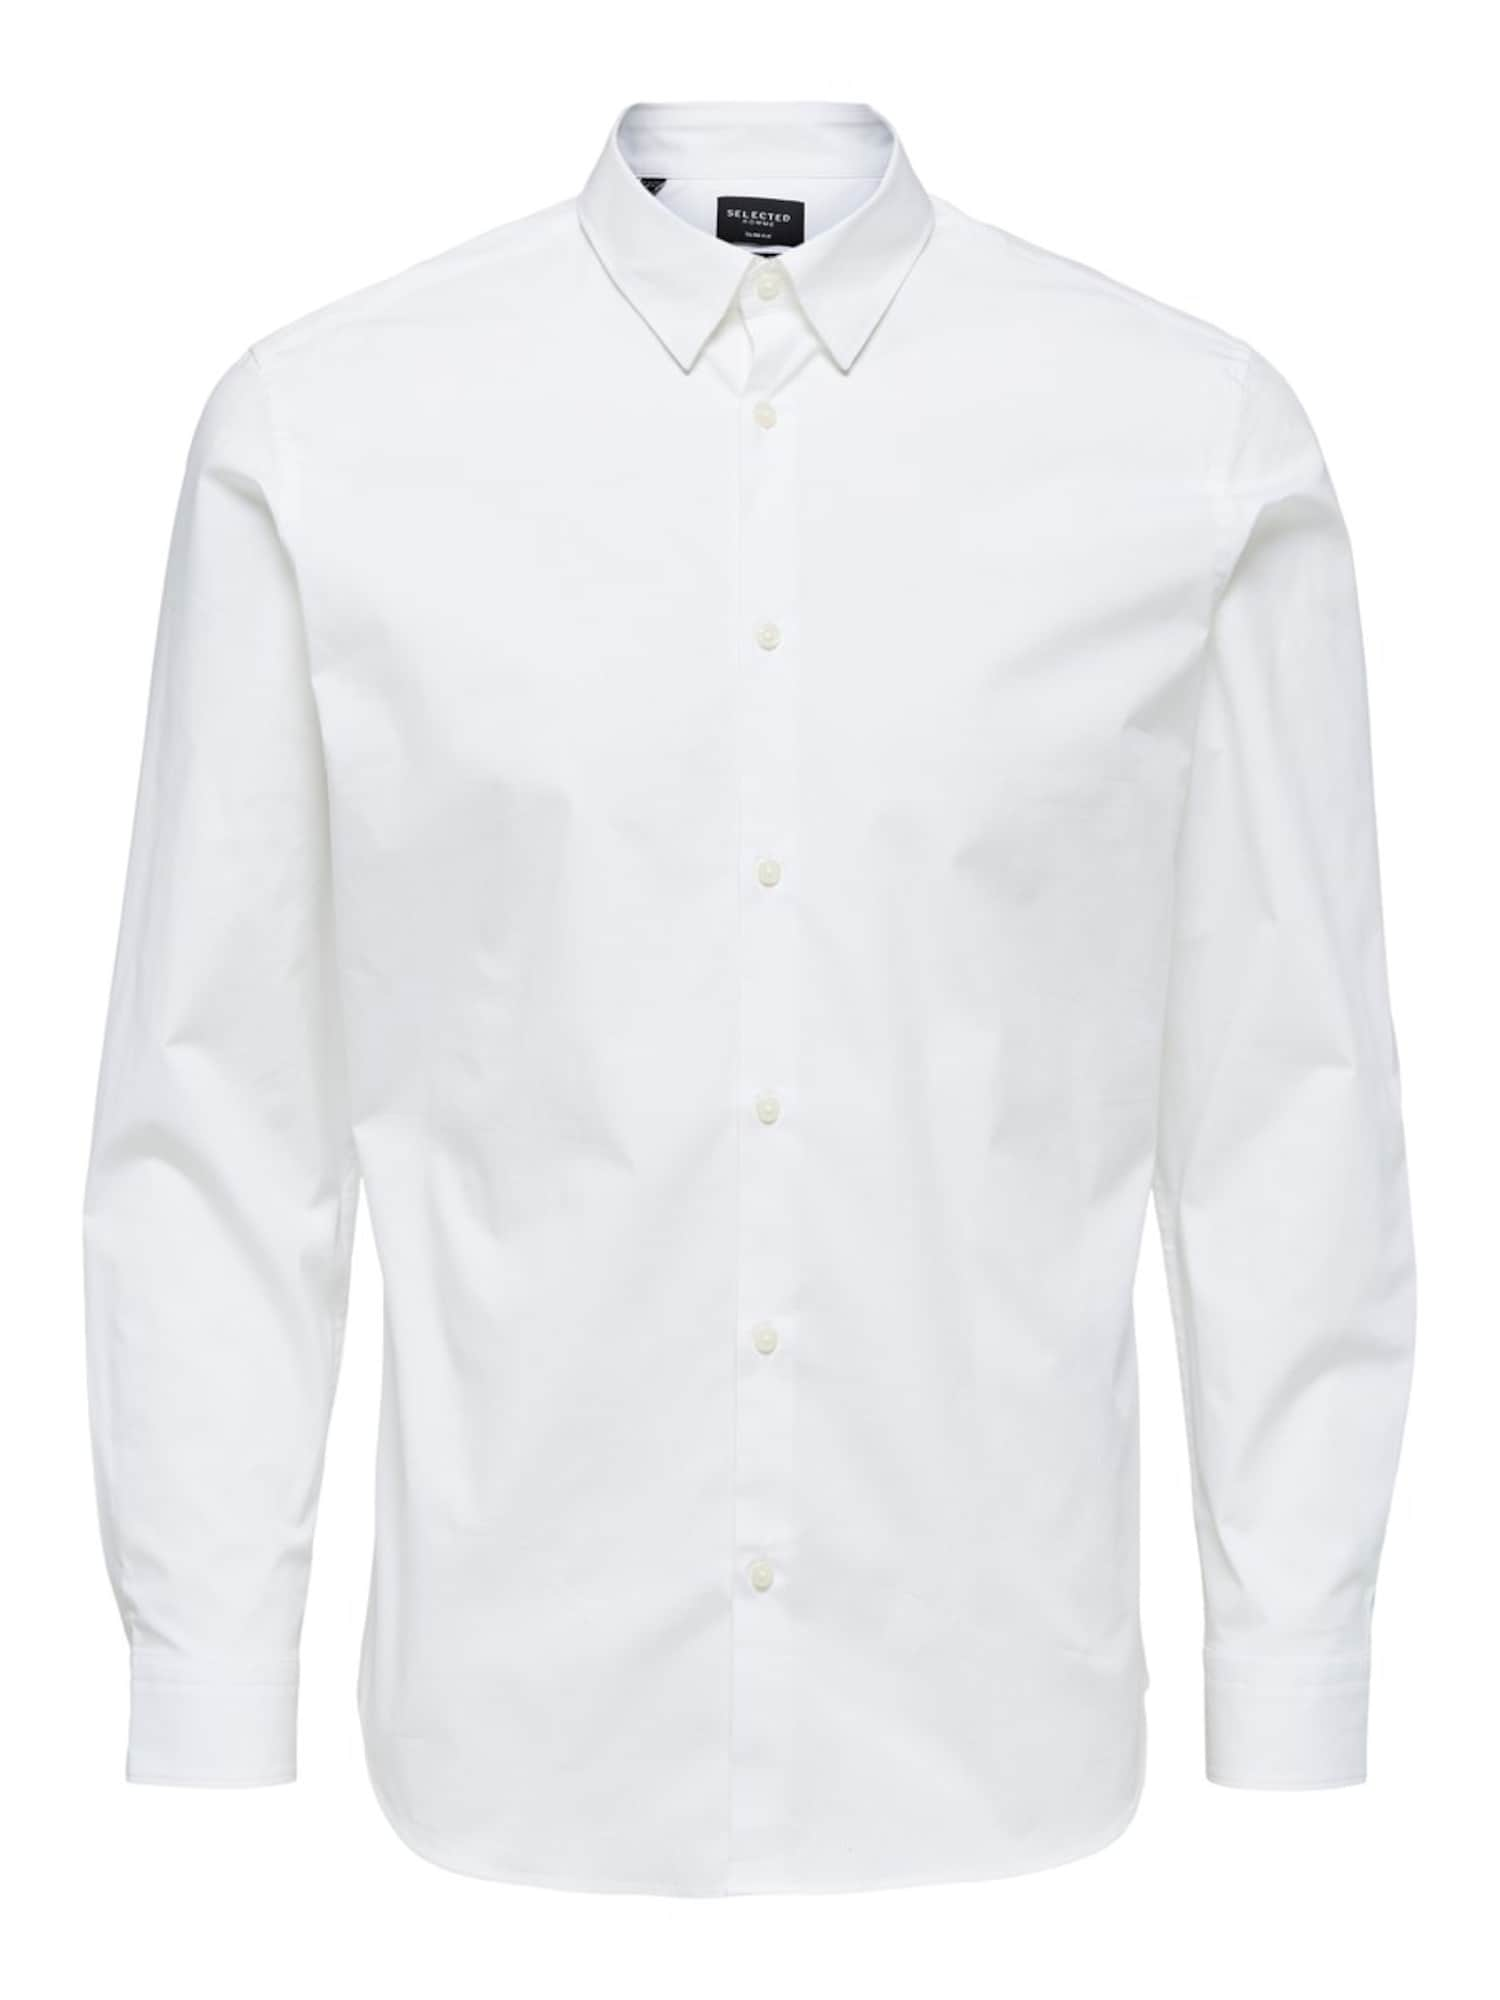 SELECTED HOMME Dalykinio stiliaus marškiniai balta